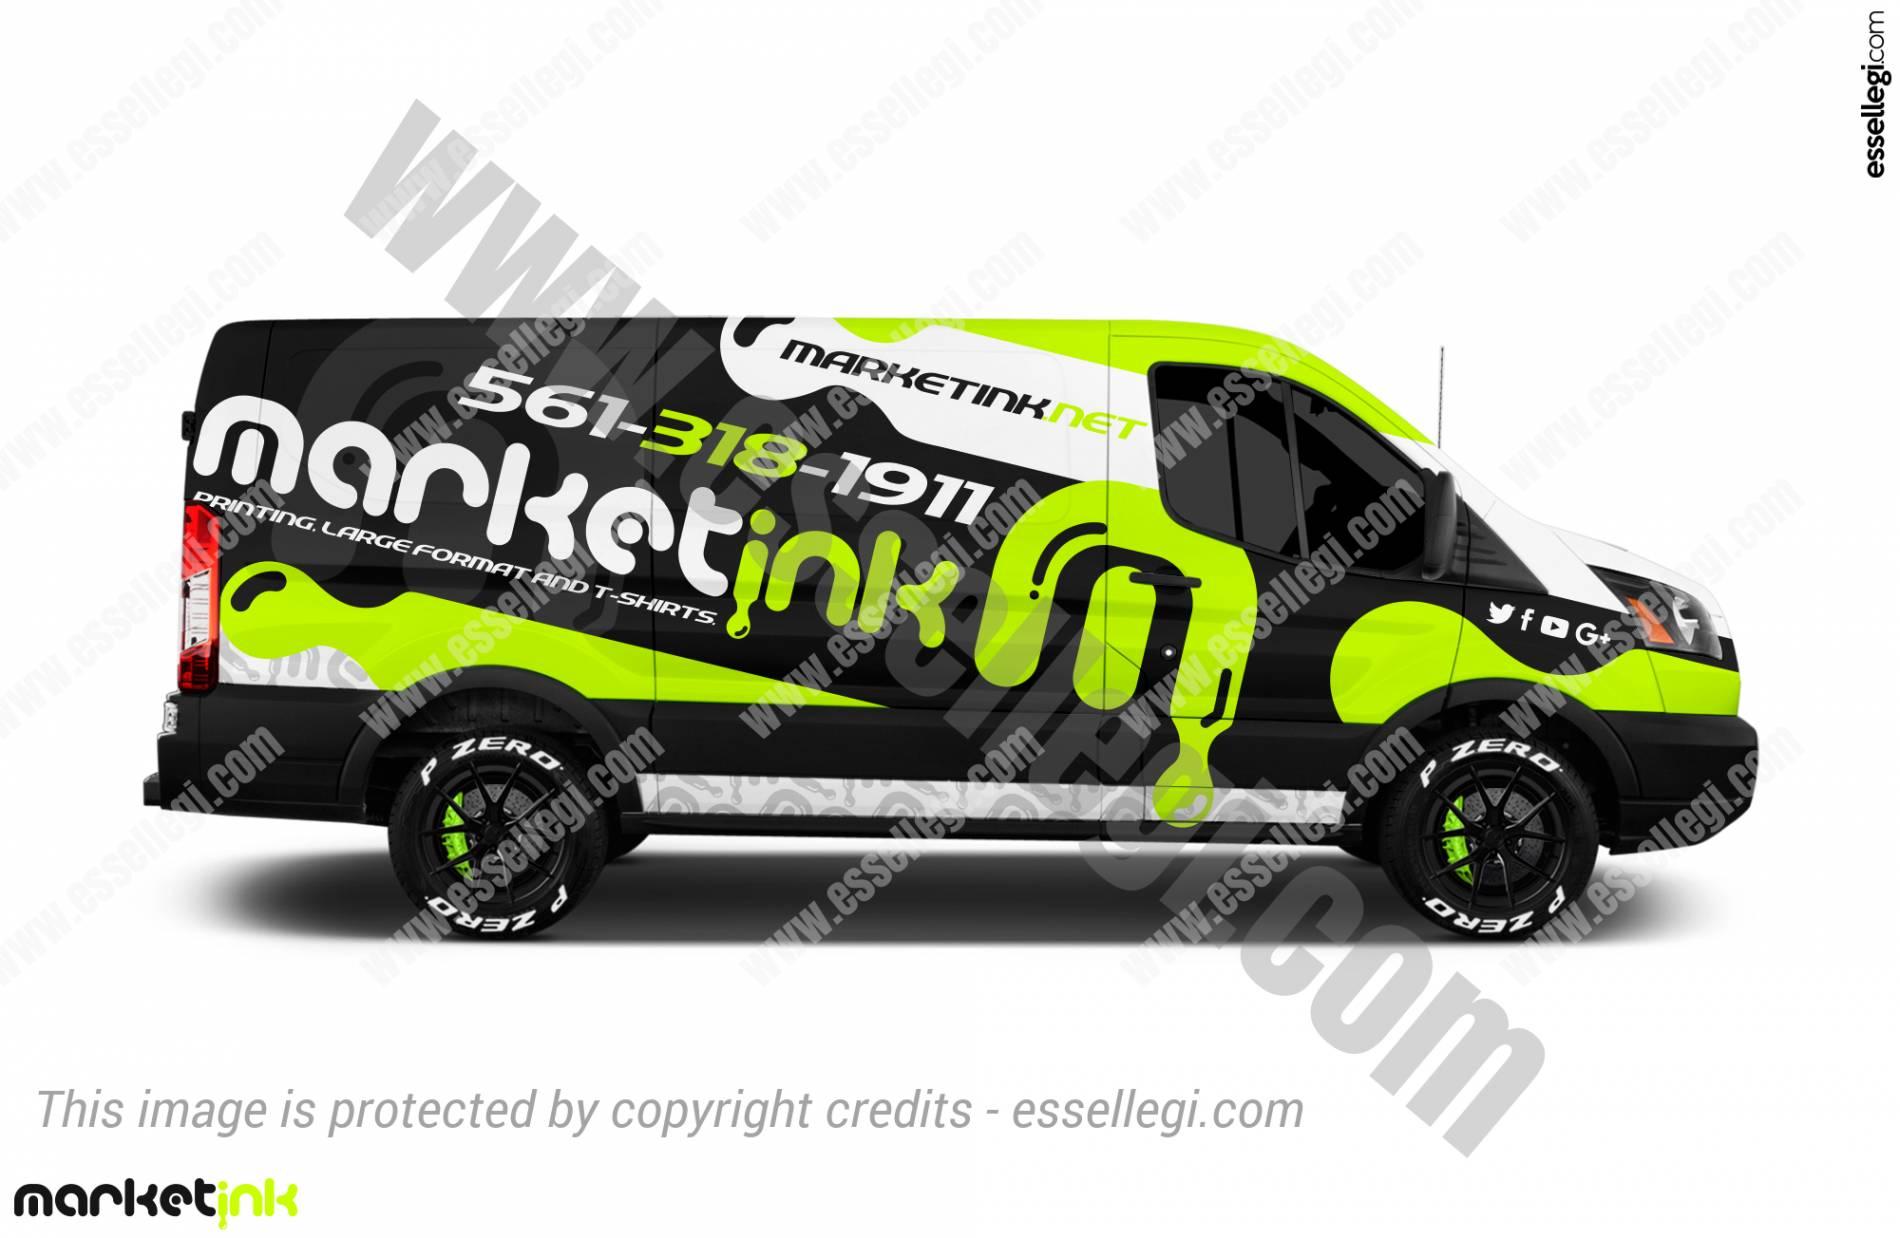 Ford Transit Wrap Design. Ford Transit | Van Wrap Design by Essellegi. Van Signs, Van Signage, Van Wrapping, Van Signwriting, Van Wrap Designer, Signs for Van, Van Logo, Van Graphic by Essellegi.